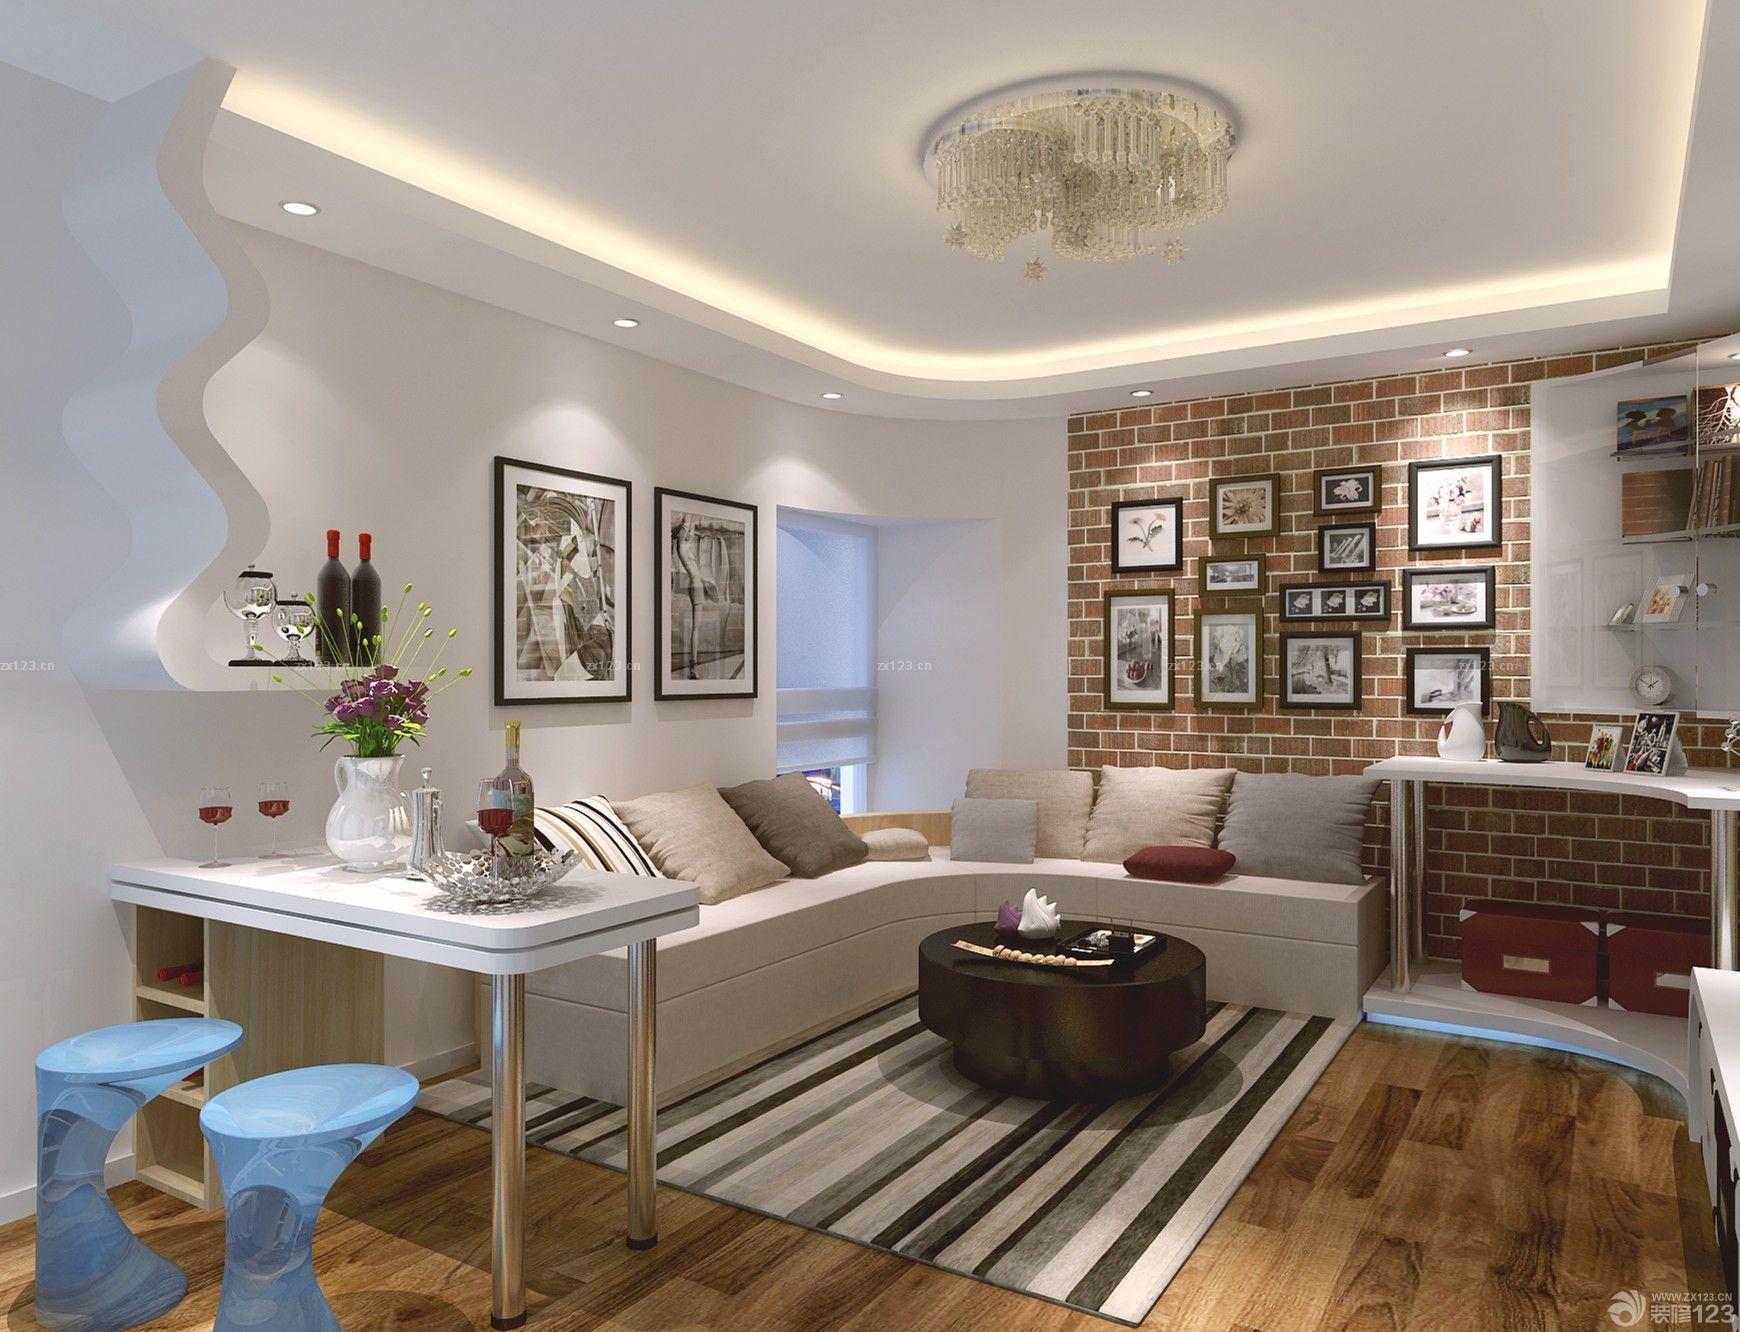 家装效果图 客厅 65平米两室一厅小客厅装修效果图 提供者